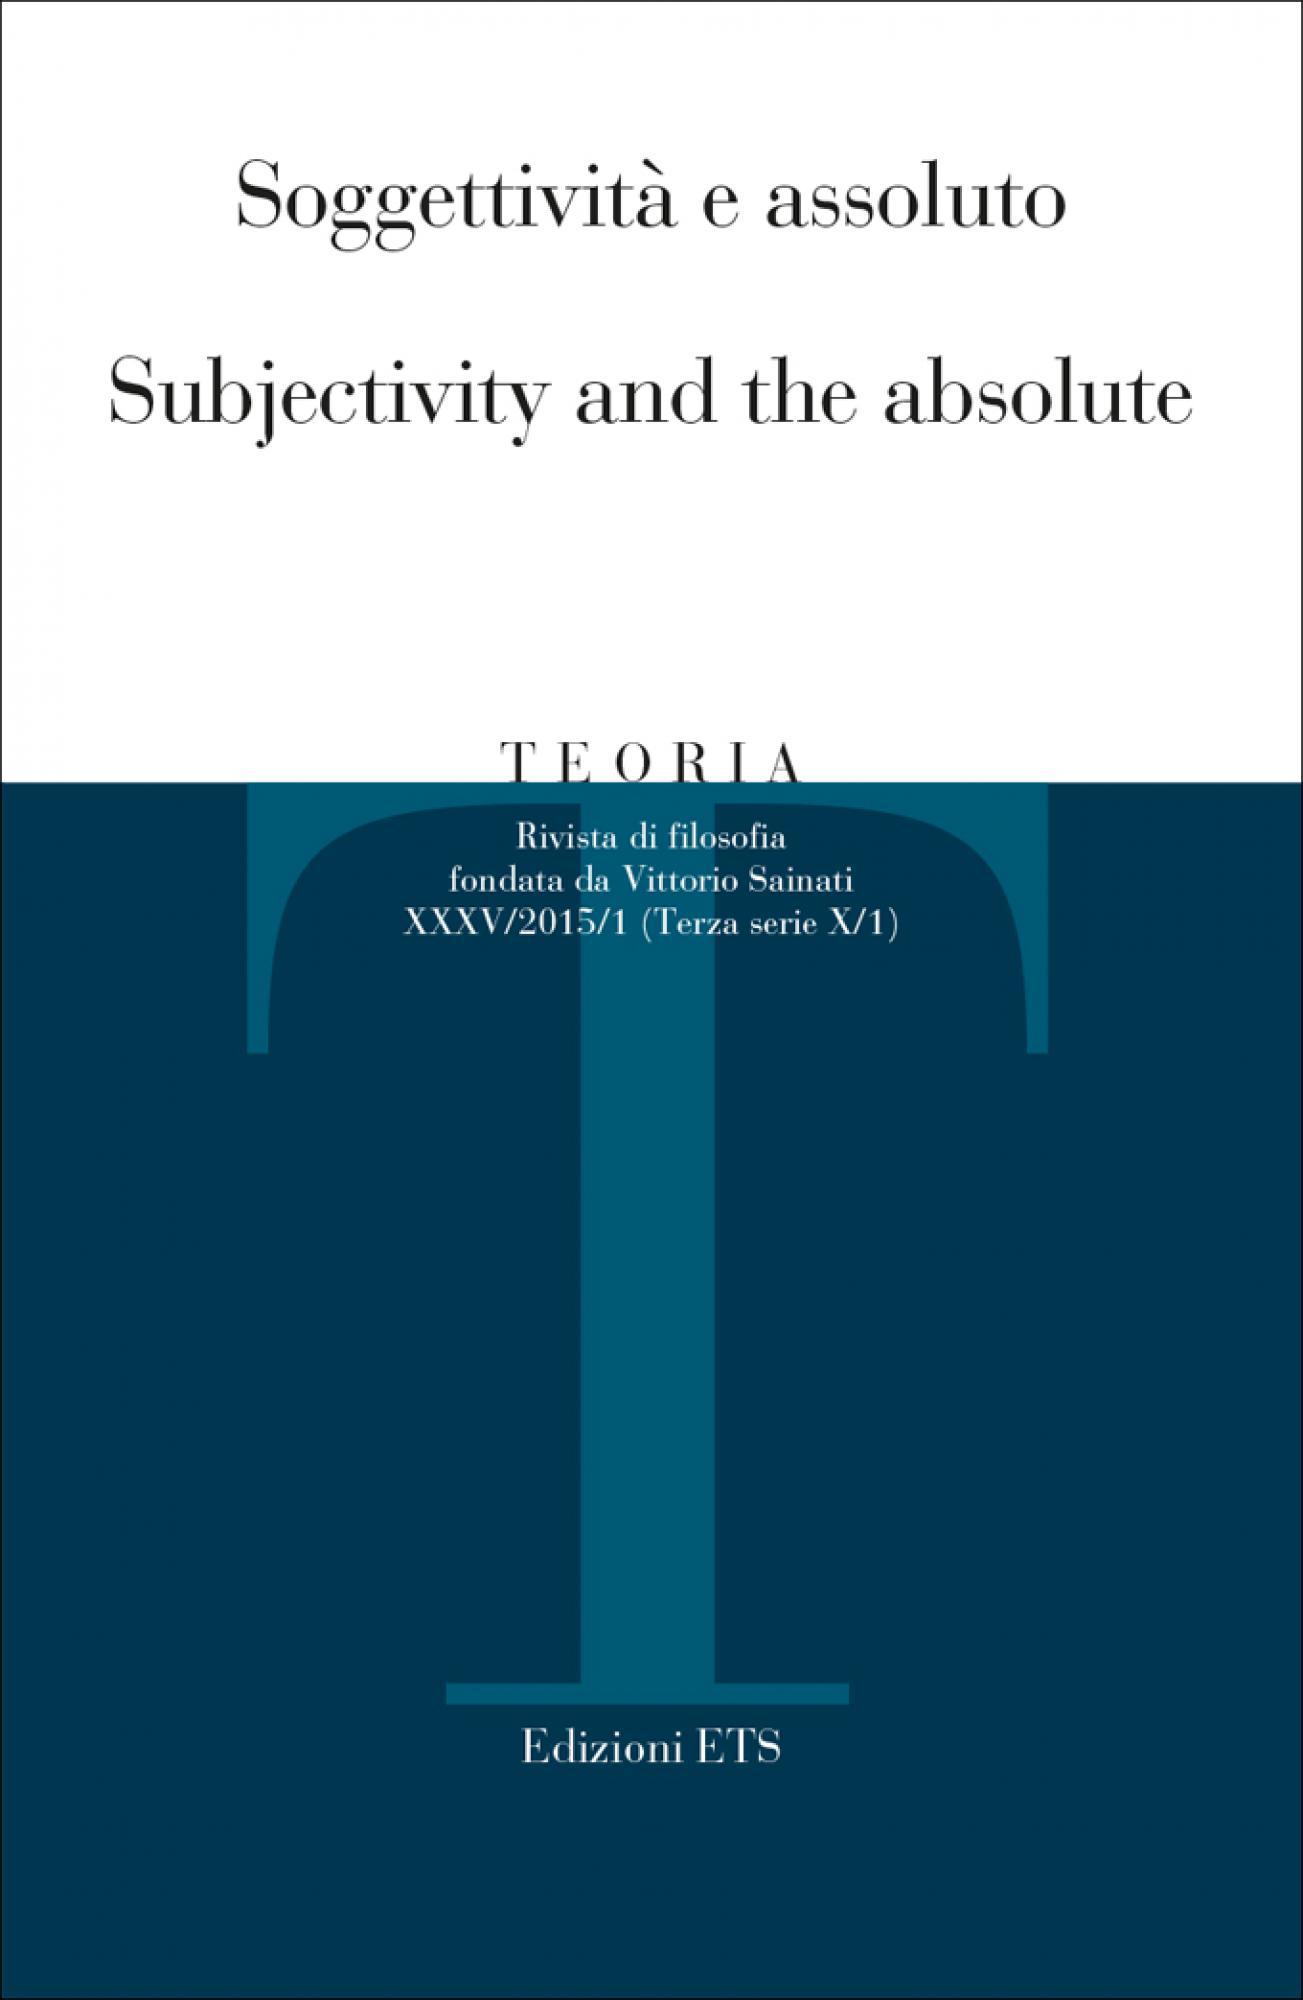 Teoria 2015-1.Soggettività e assoluto / Subjectivity and the absolute